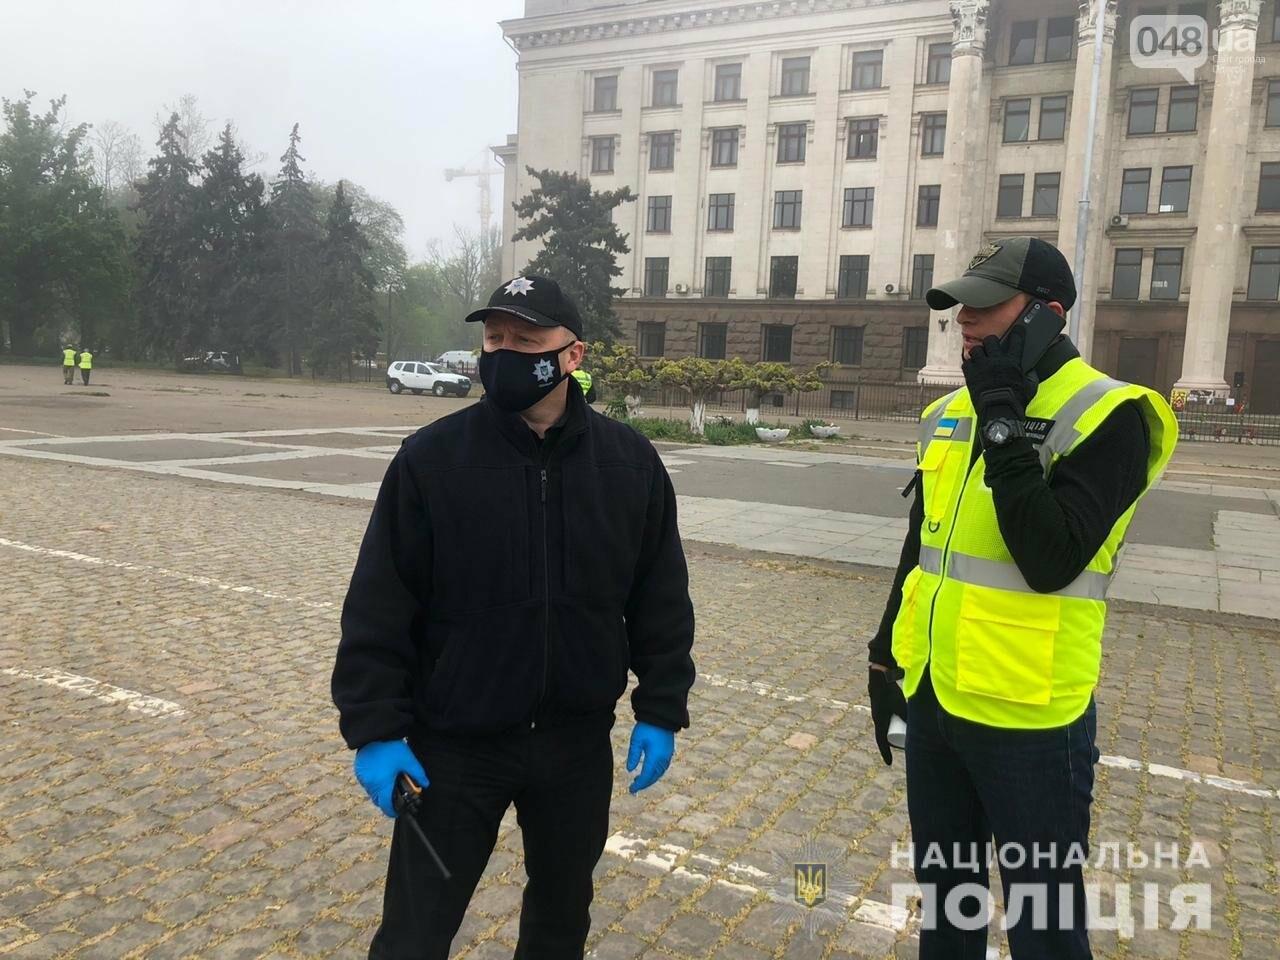 Годовщина событий 2 мая в Одессе: полиция следит за нарушителями карантина, - ФОТО, ВИДЕО, фото-2